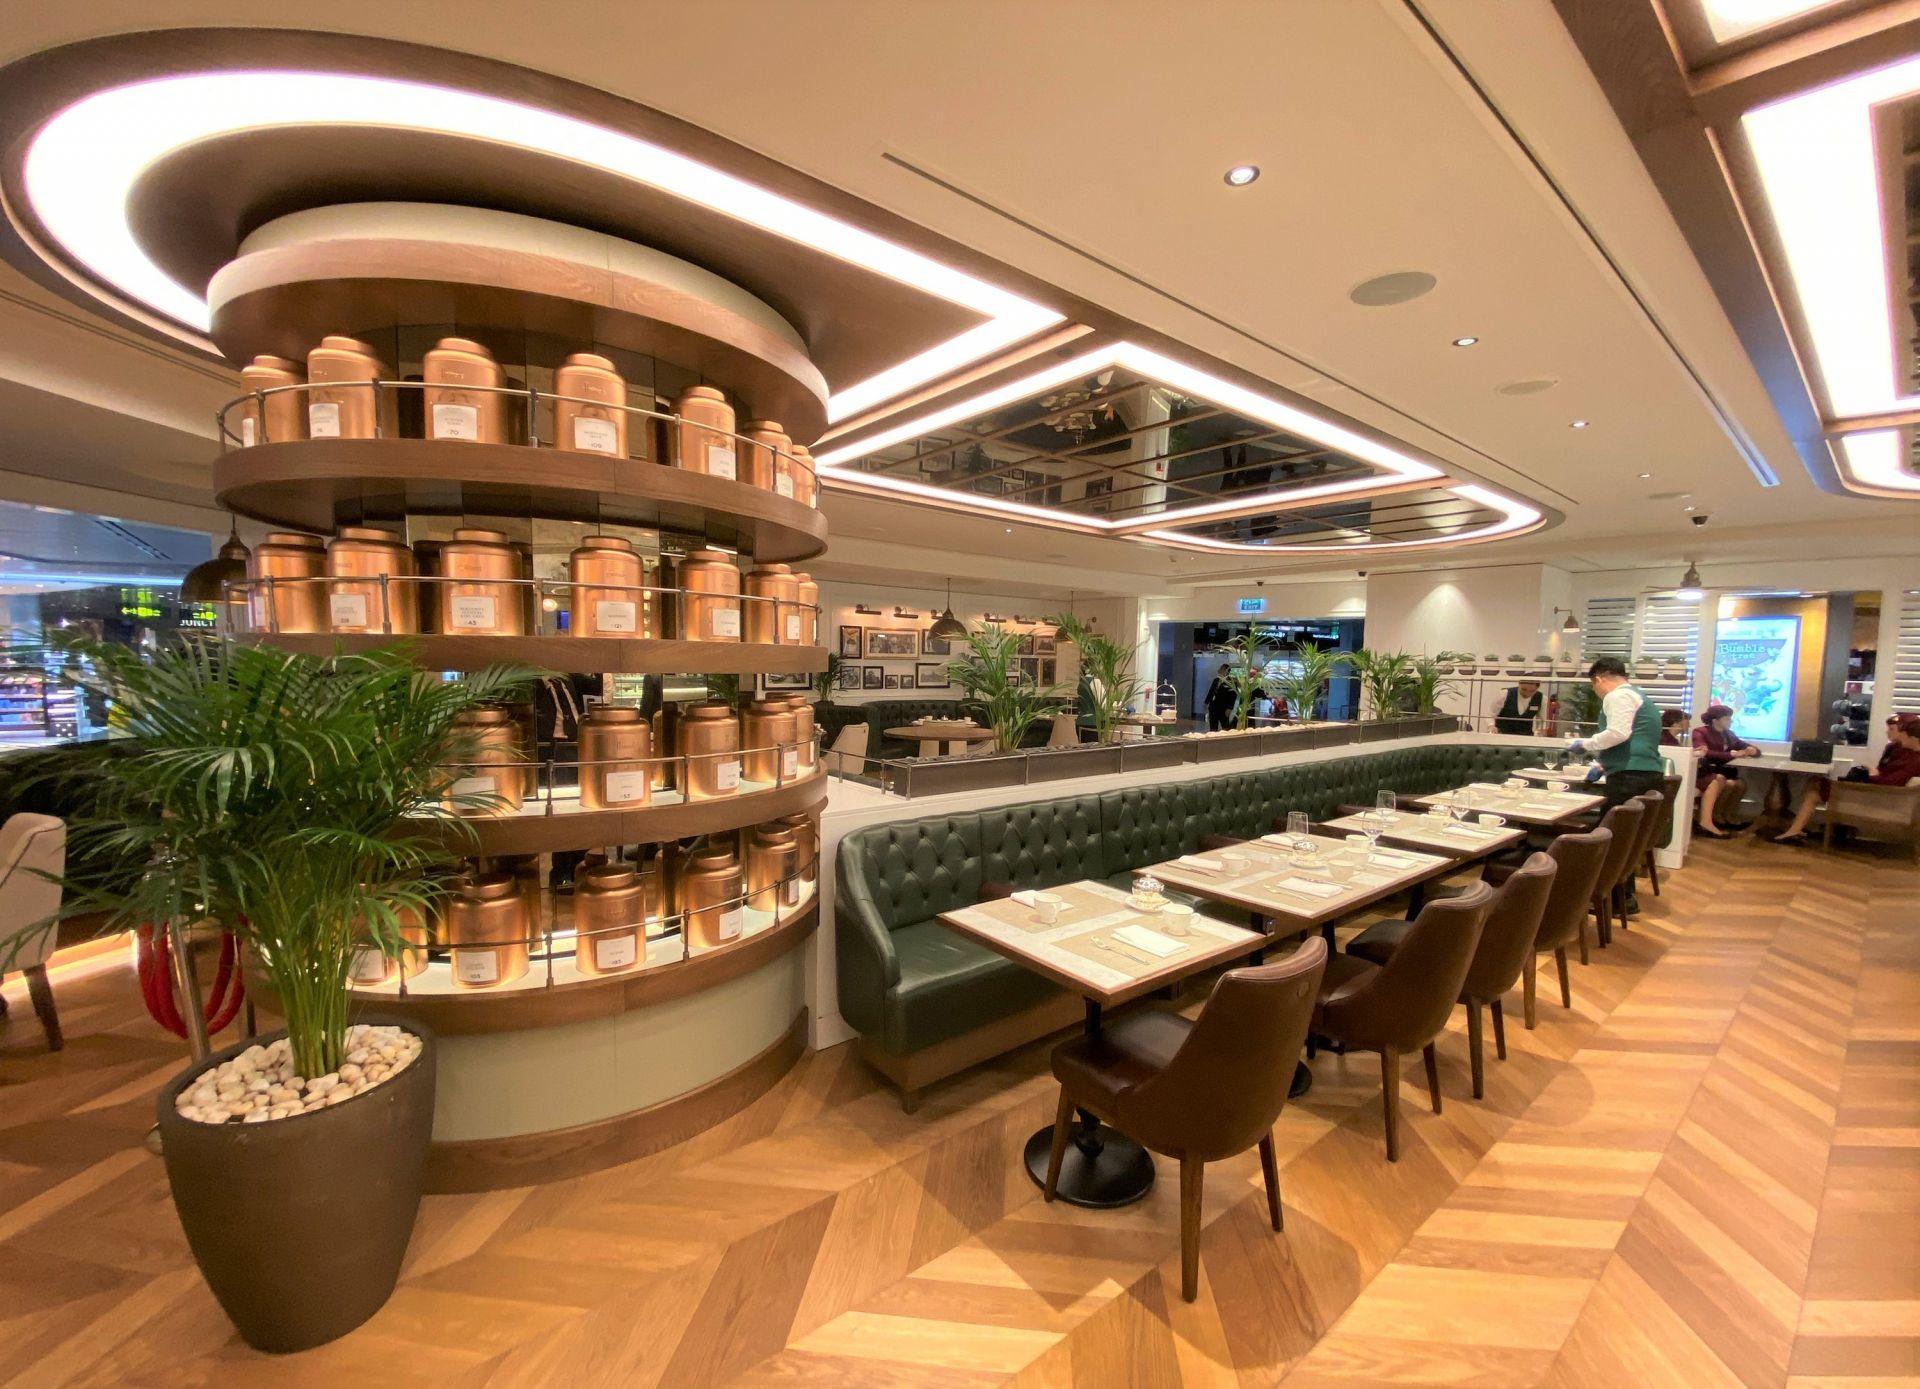 Harrods Tea Room at Doha Hamada Intl Airport